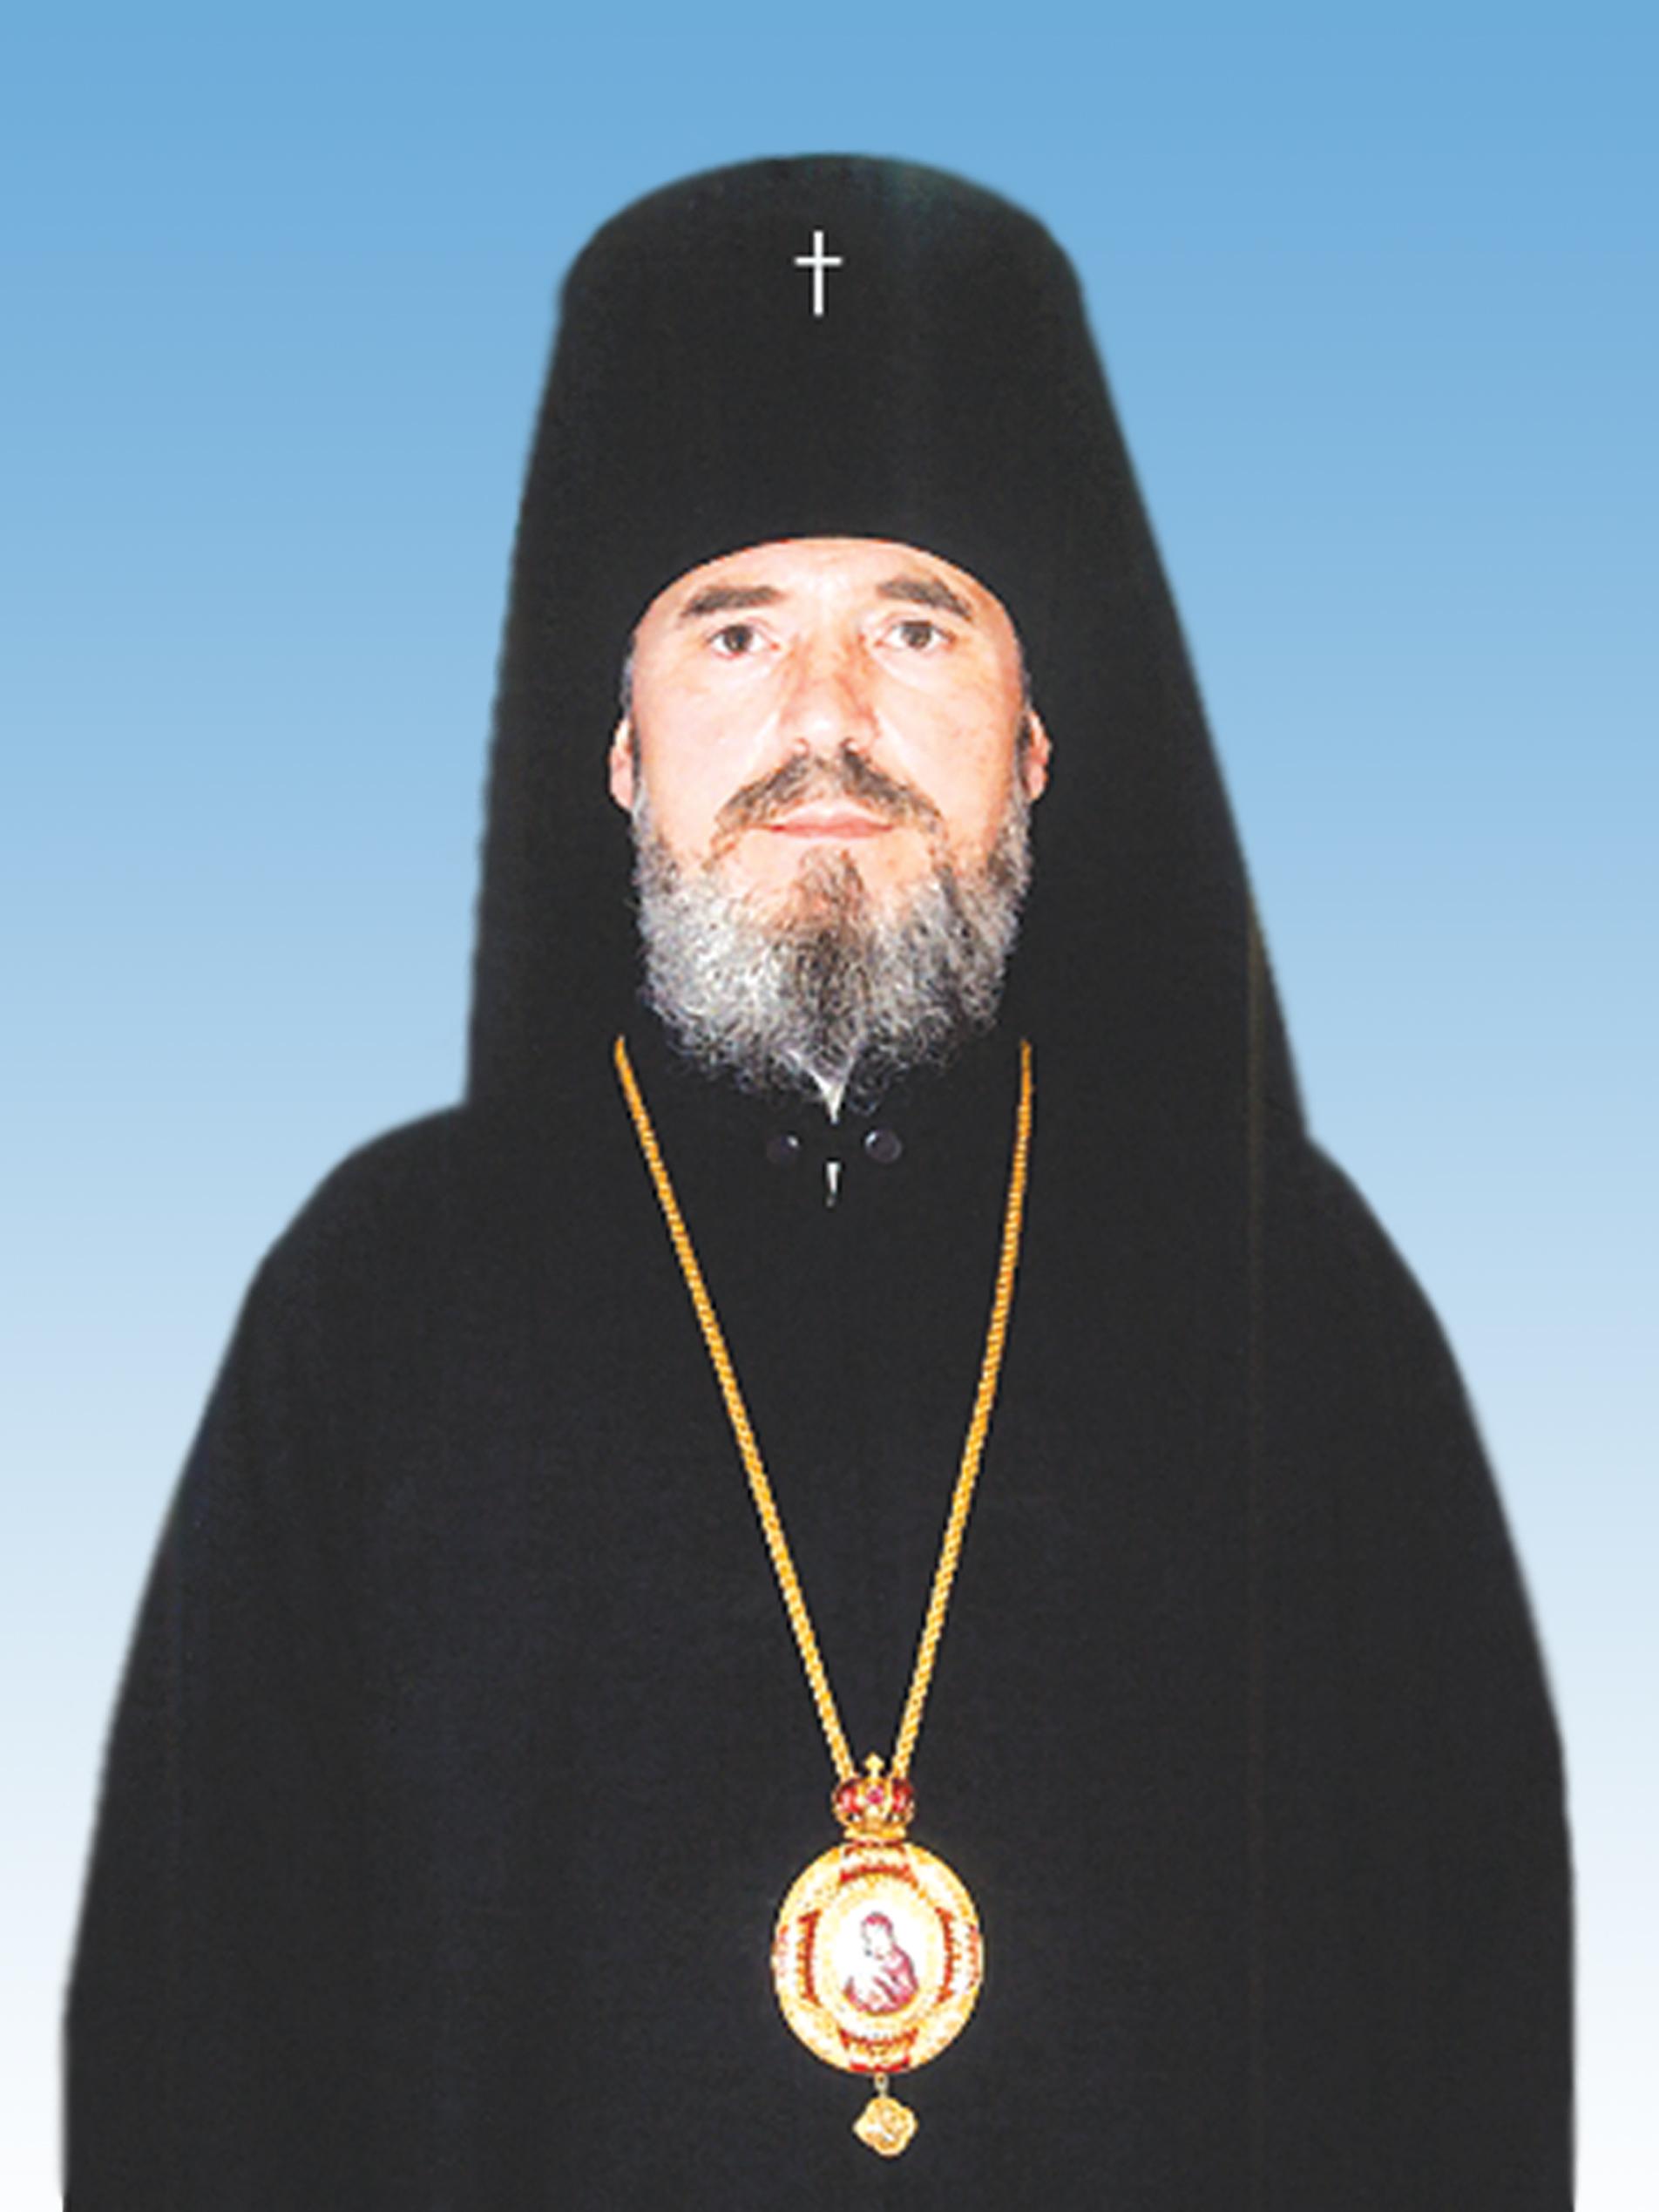 Єпископ Фалештський і Східно-Молдовський Філарет